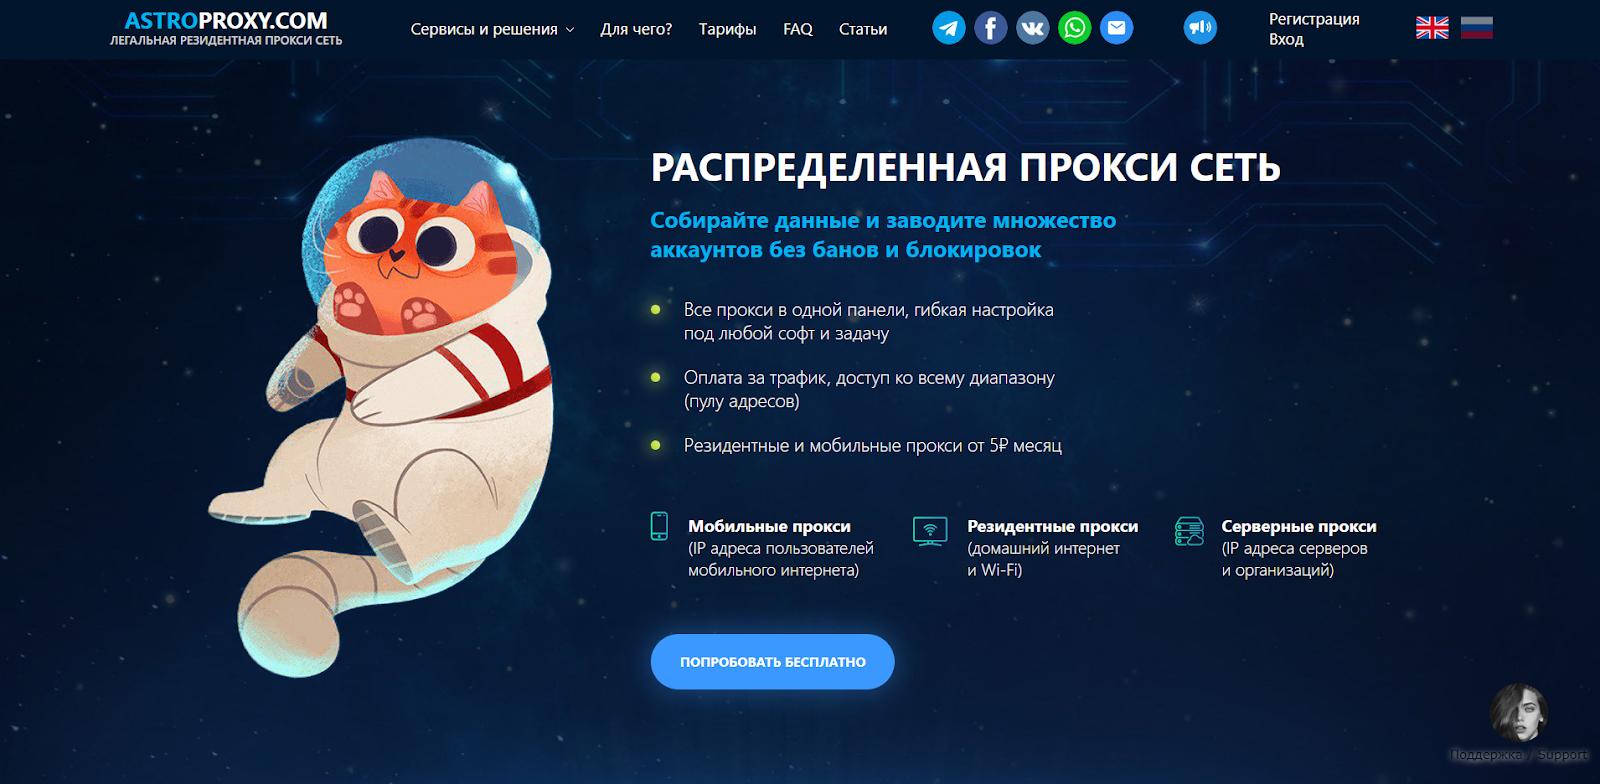 Обзор сервиса AstroProxy